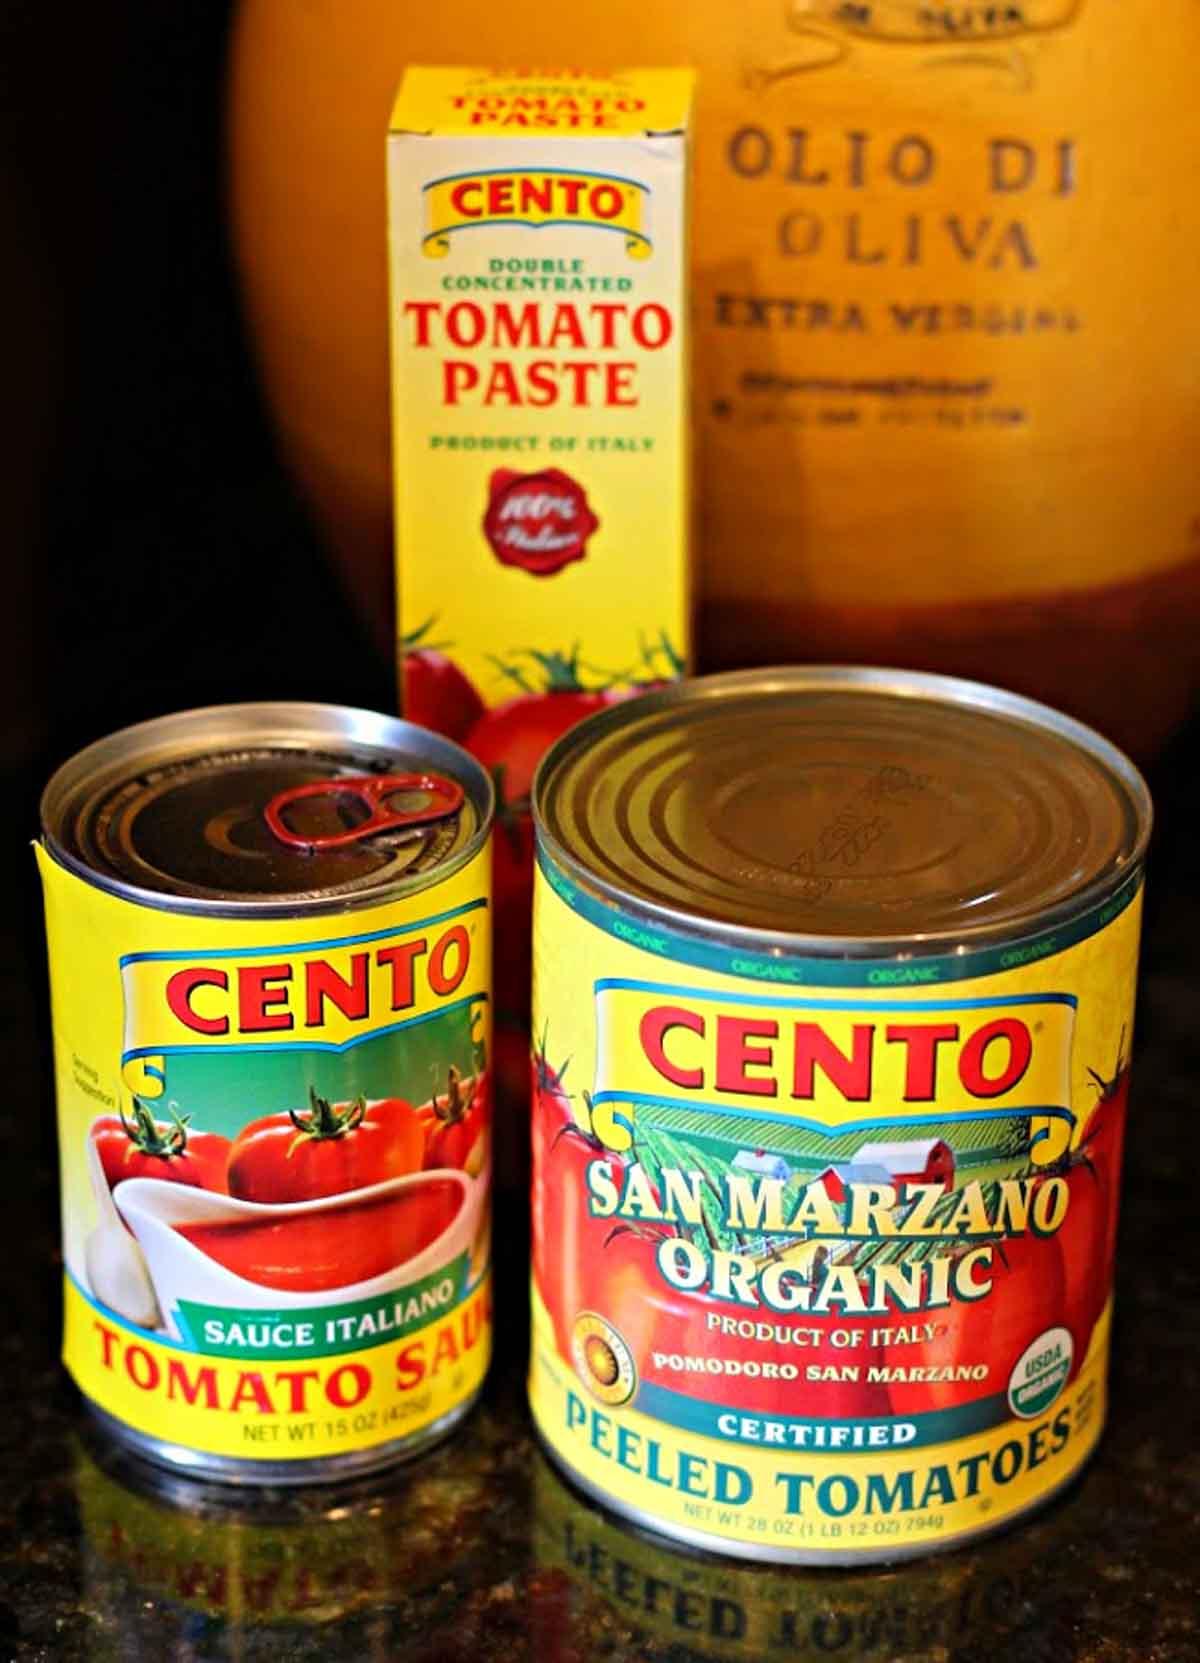 Cento tomatoes, tomato sauce and tomato paste